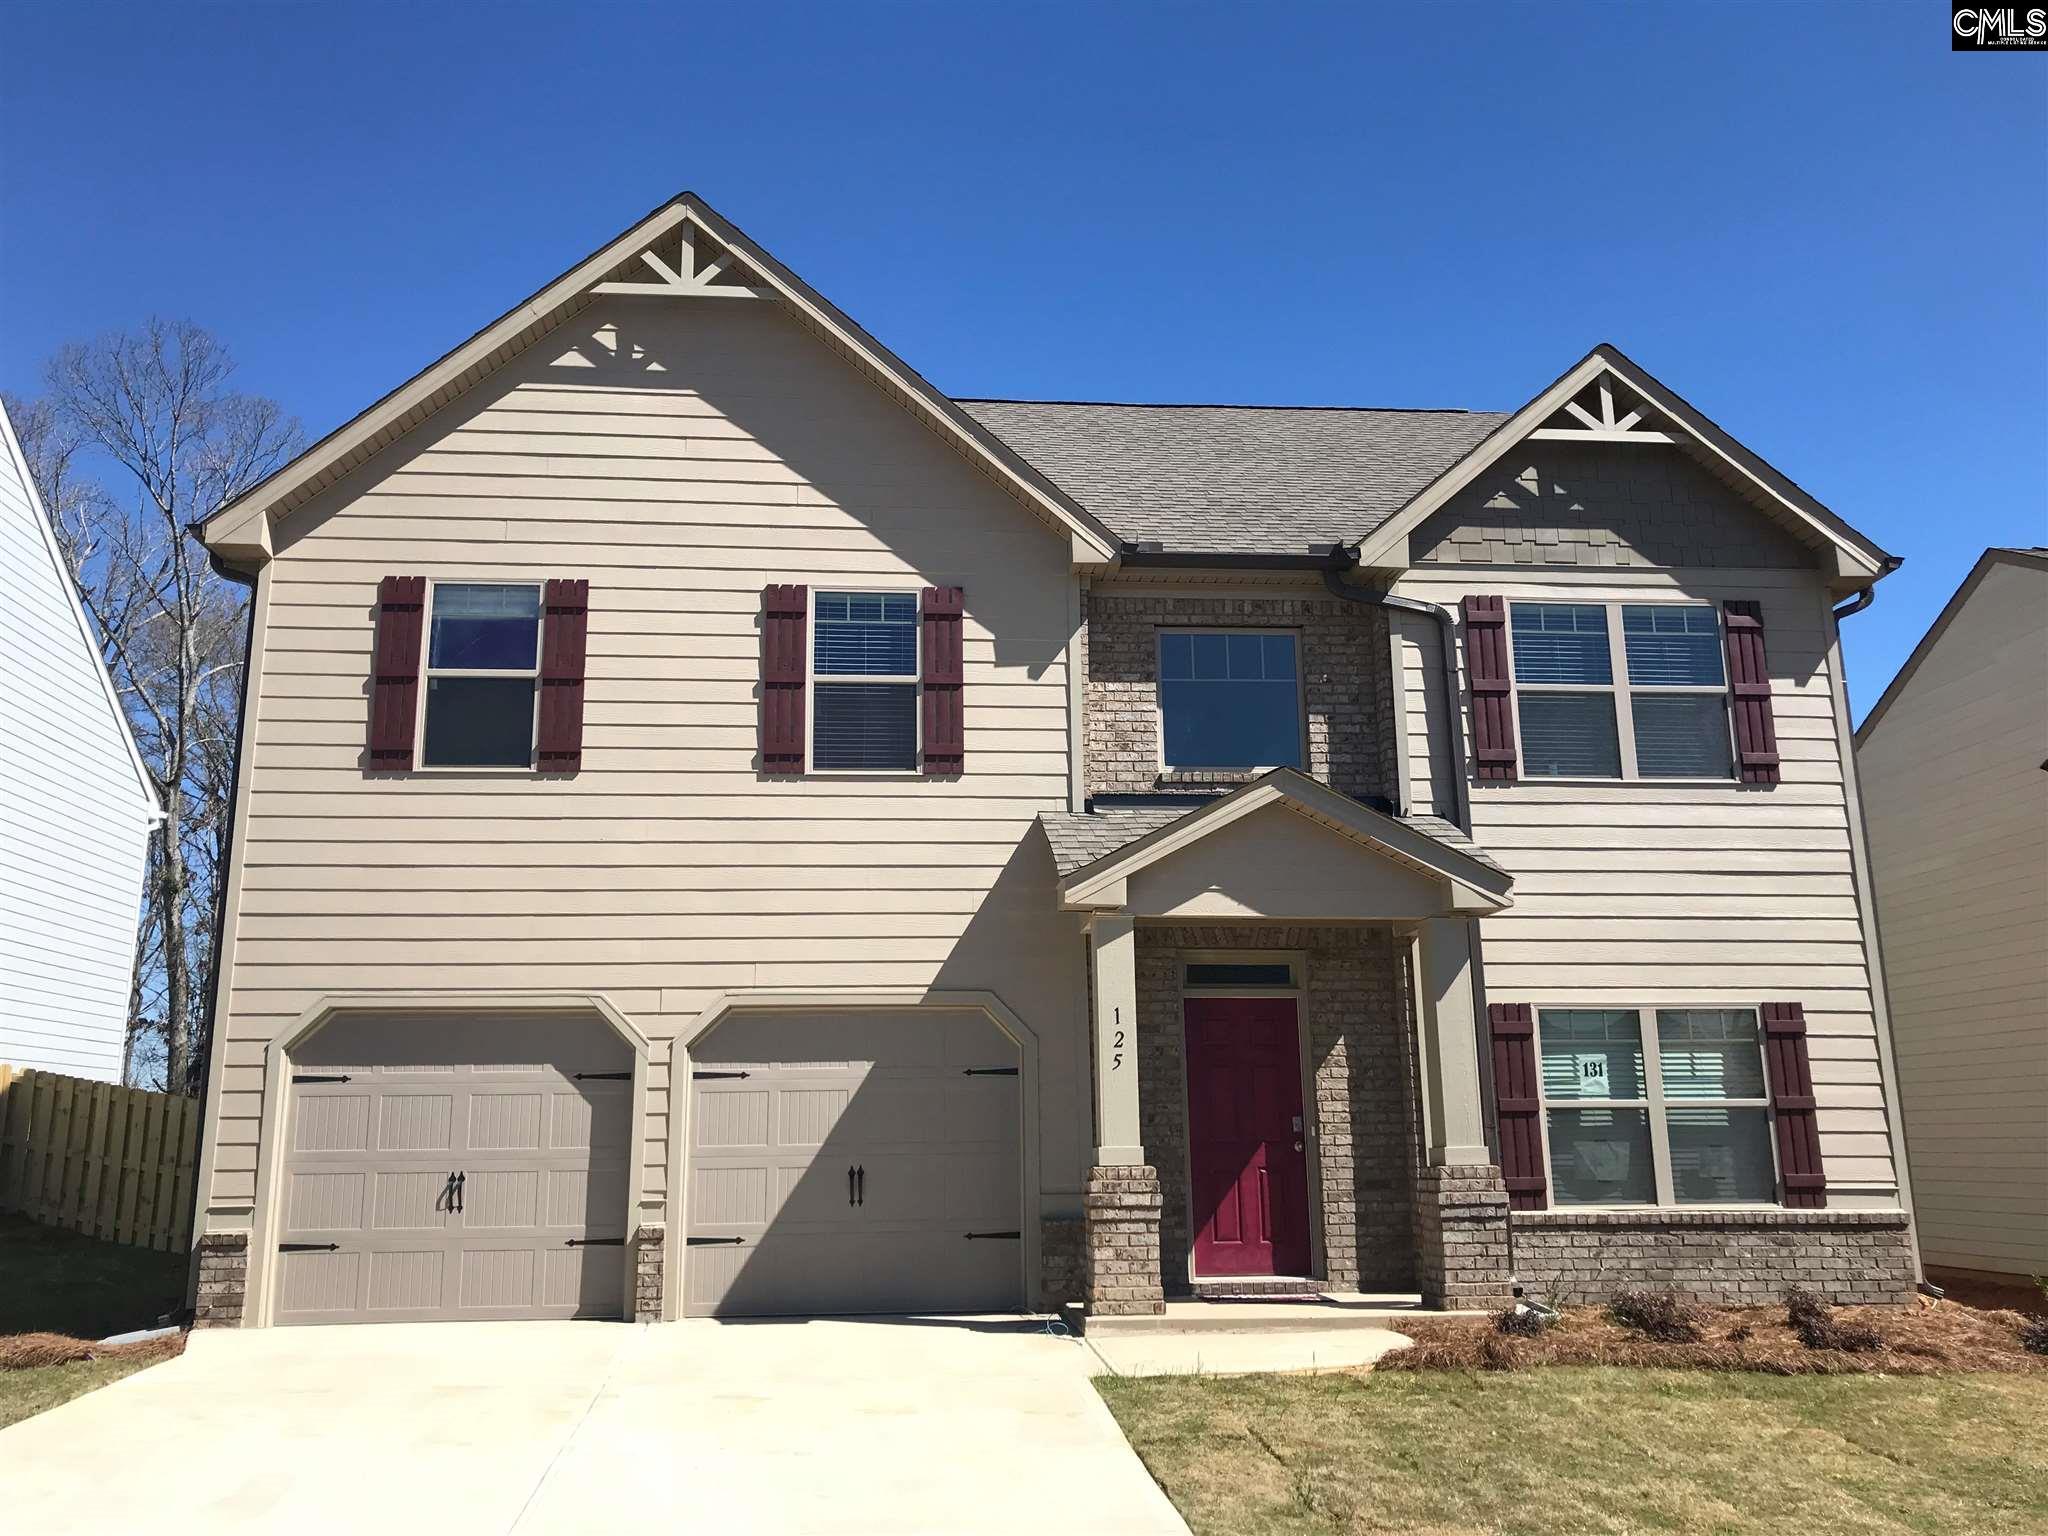 125 Village View Lexington, SC 29072